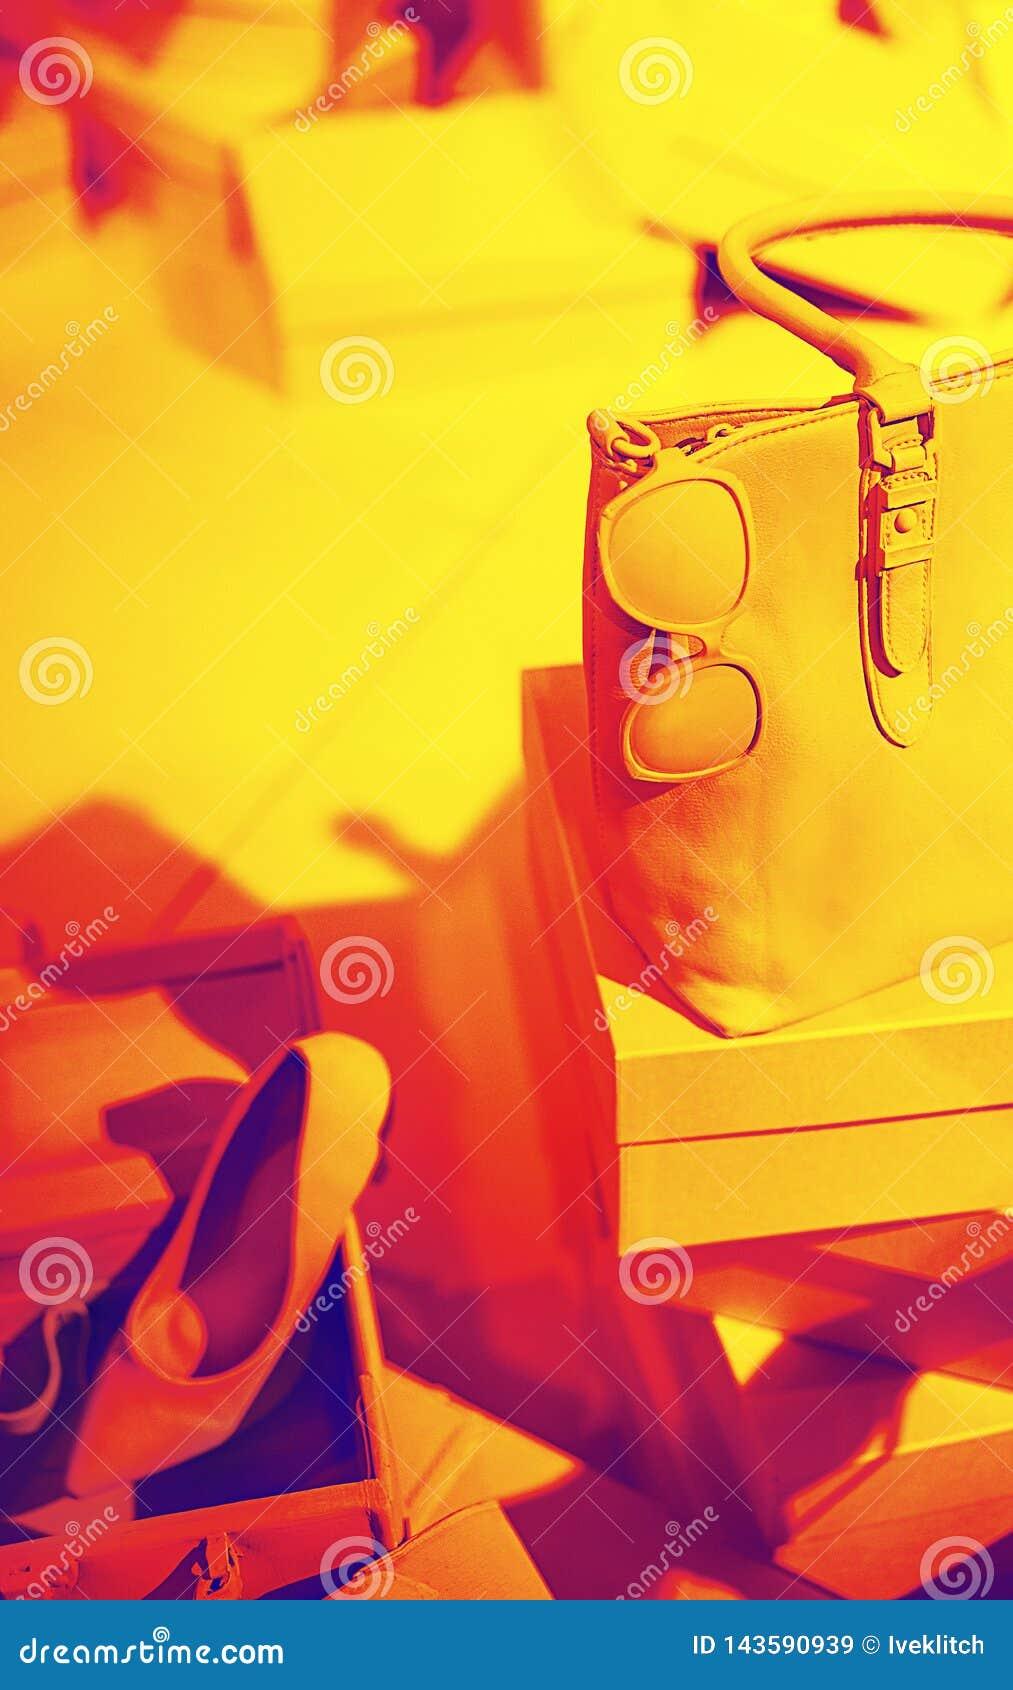 Konzept von modischen weiblichen Zusätzen bauschen sich, Sonnenbrille, Schuhe auf leeren Kästen und roter gelber Hintergrund